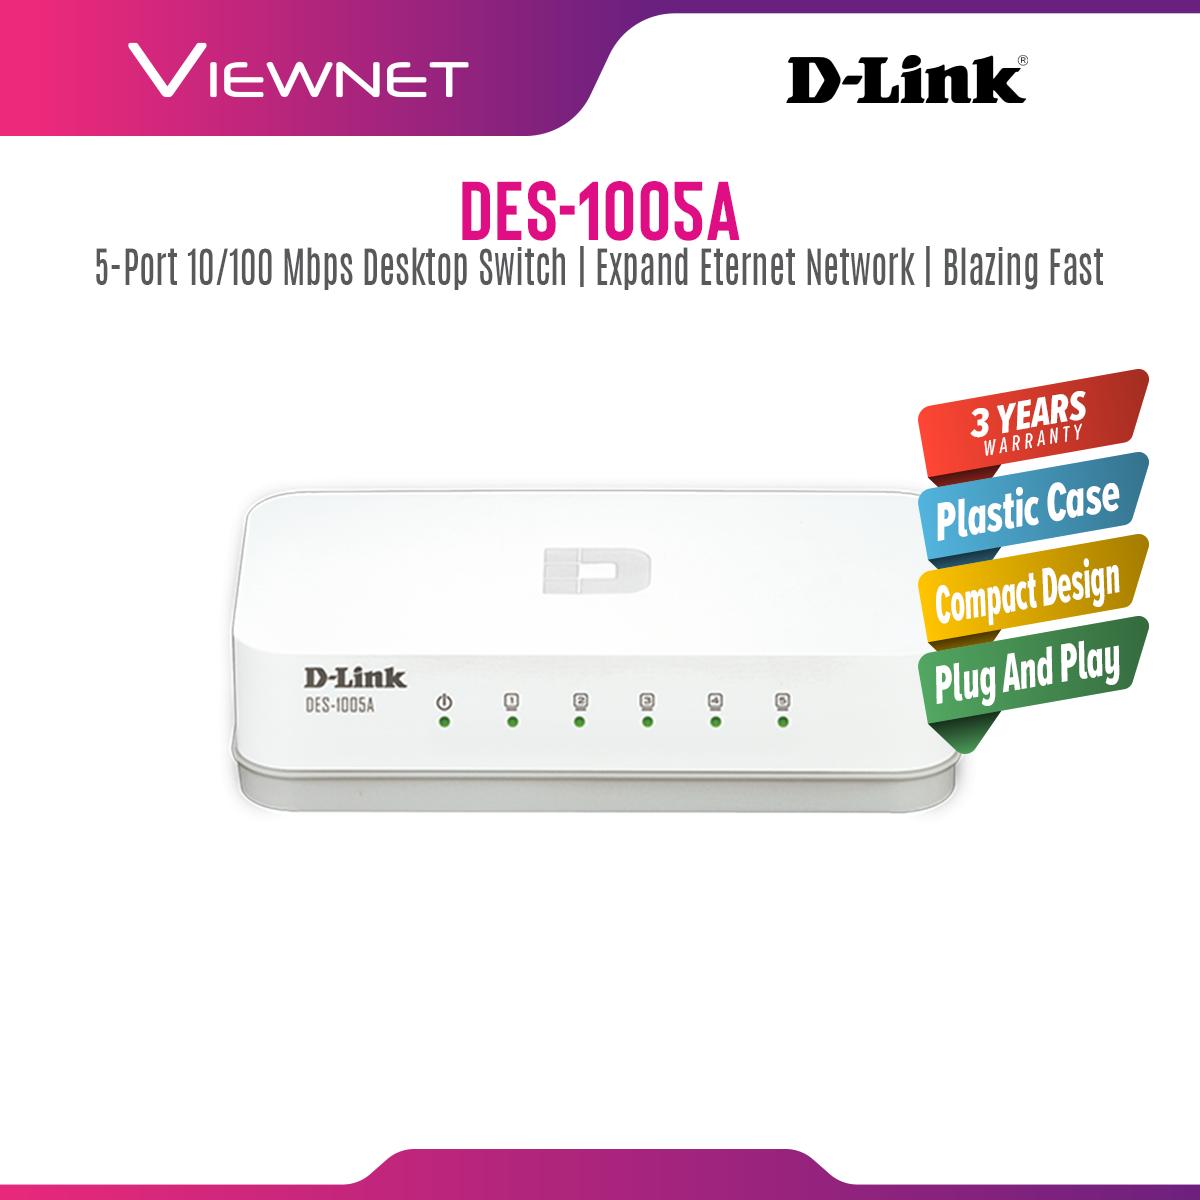 D-Link DES-1005A 5-Port Fast Ethernet Desktop Switch In Plastic Casing